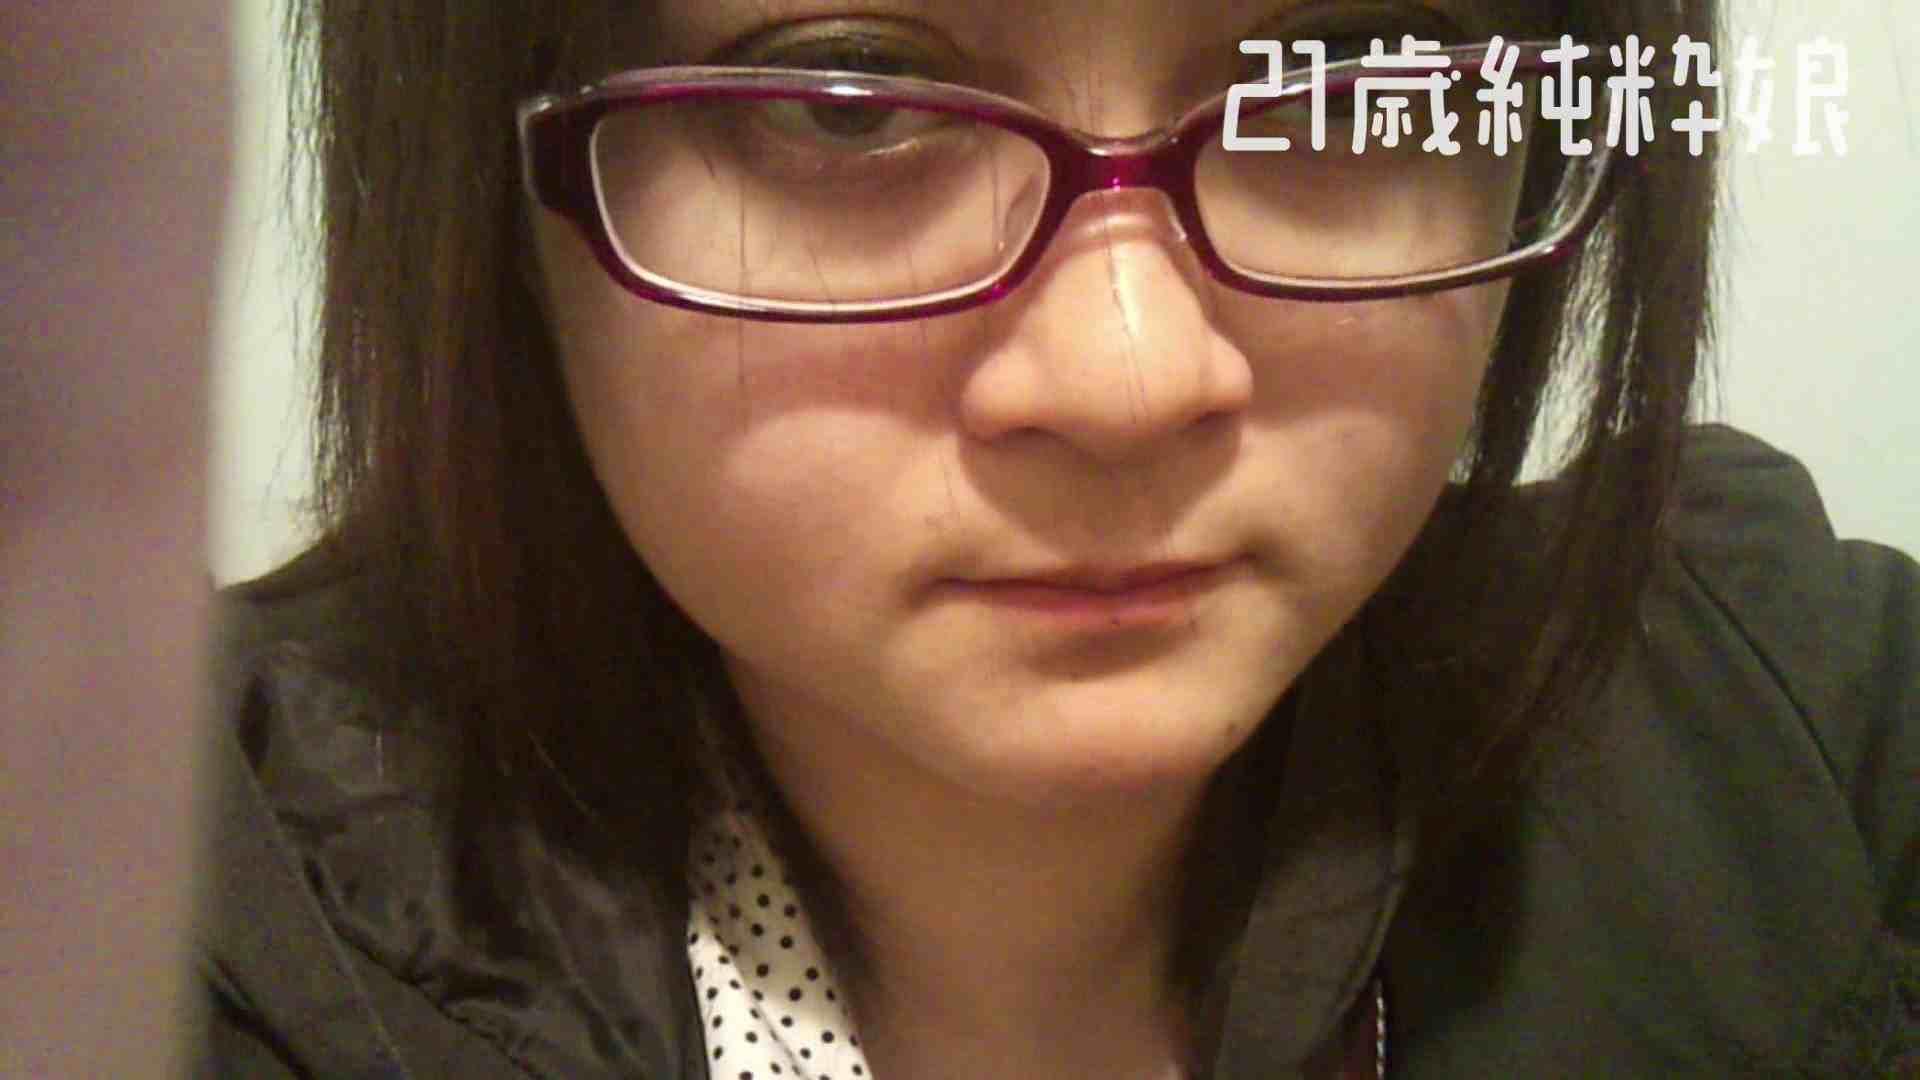 Gカップ21歳純粋嬢第2弾Vol.5 学校 | 性欲  108連発 91